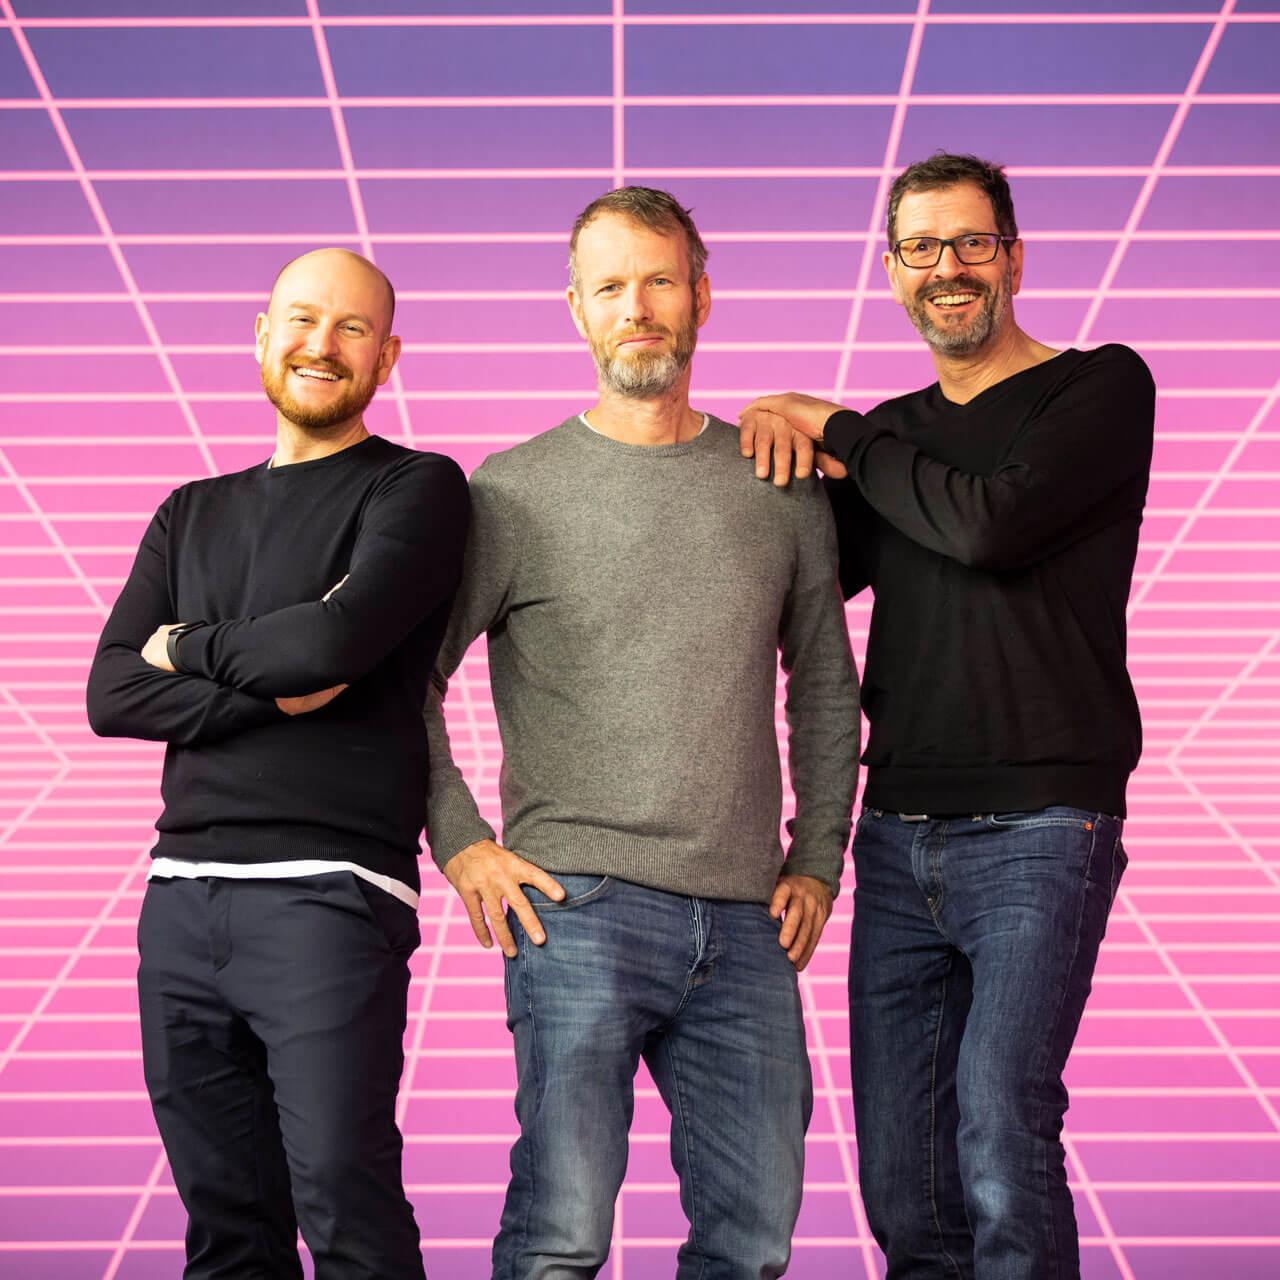 Die Geschäftsführer von Schröder+Schömbs PR, Herbert Schmitz und Michael Hetzinger, posieren vor futurischer Neon-Kulisse mit dem Gründer der Agentur, Gerald Schömbs.